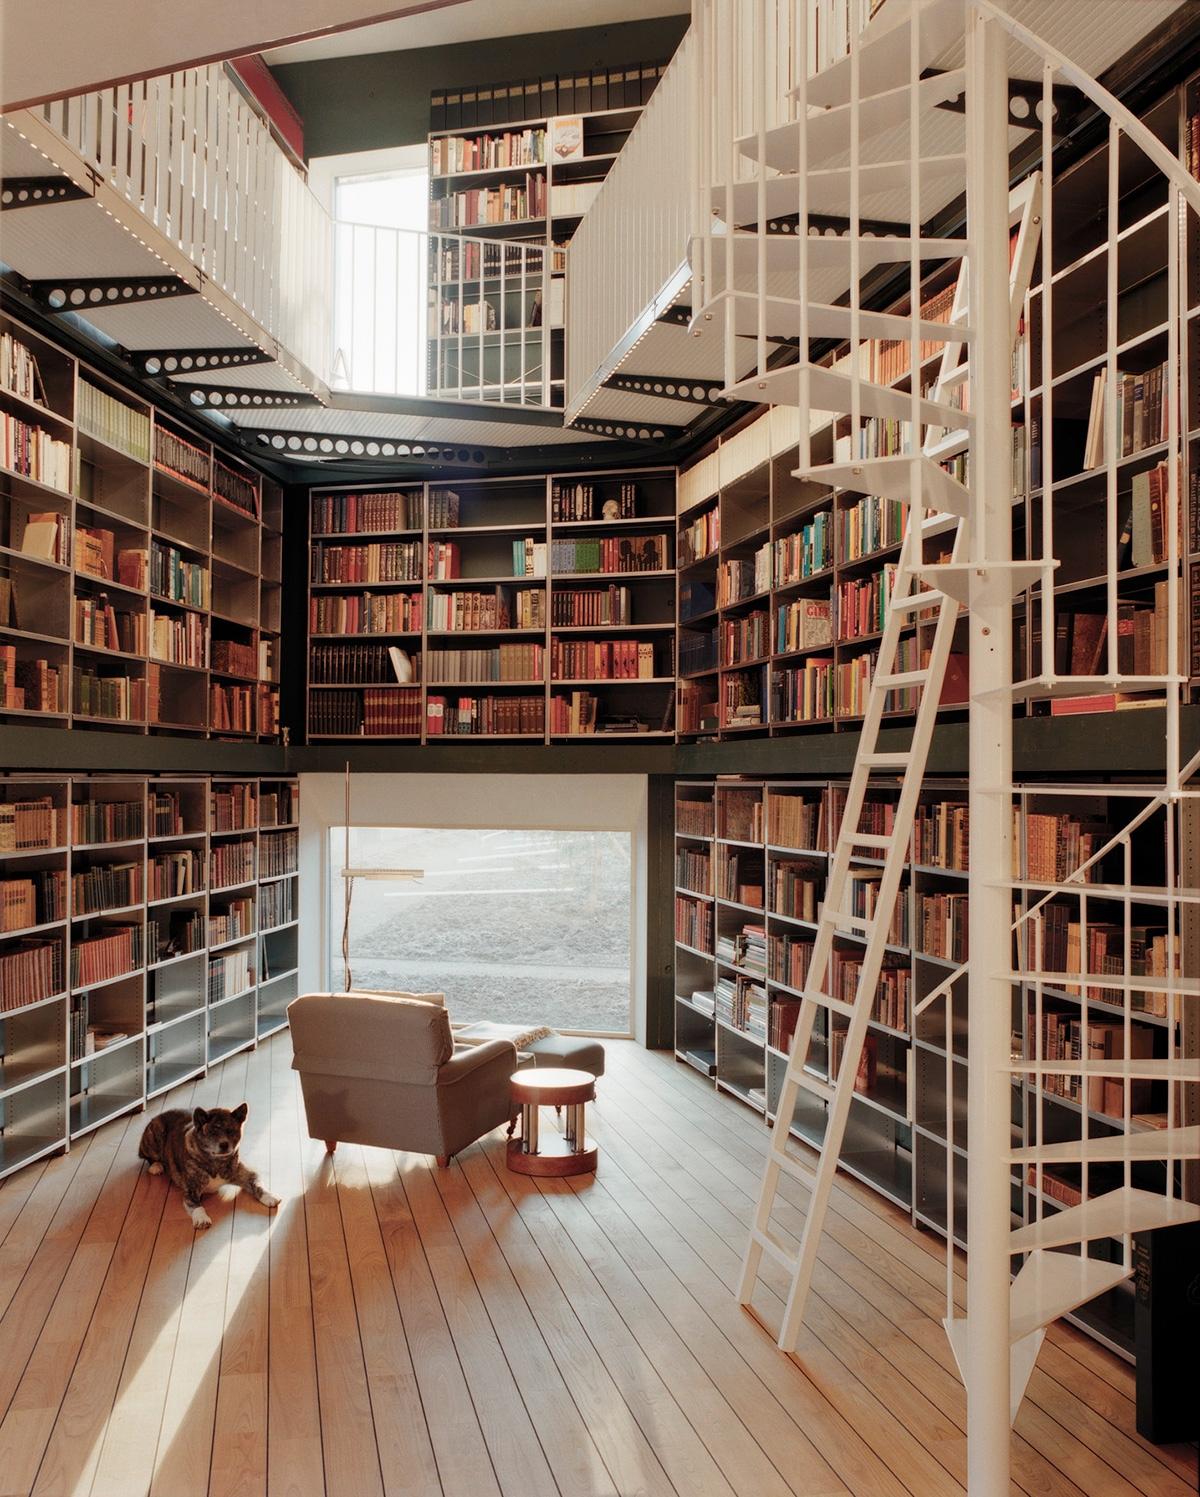 Thiết kế thư viện gia đình theo tầng tầng, lớp lớp sẽ tạo nên một không gian vô cùng thú vị và ấn tượng. Thư viện này được bài trí khá chuyên nghiệp, với thang chuyên dụng và cầu thang xoắn ốc và gác lửng.